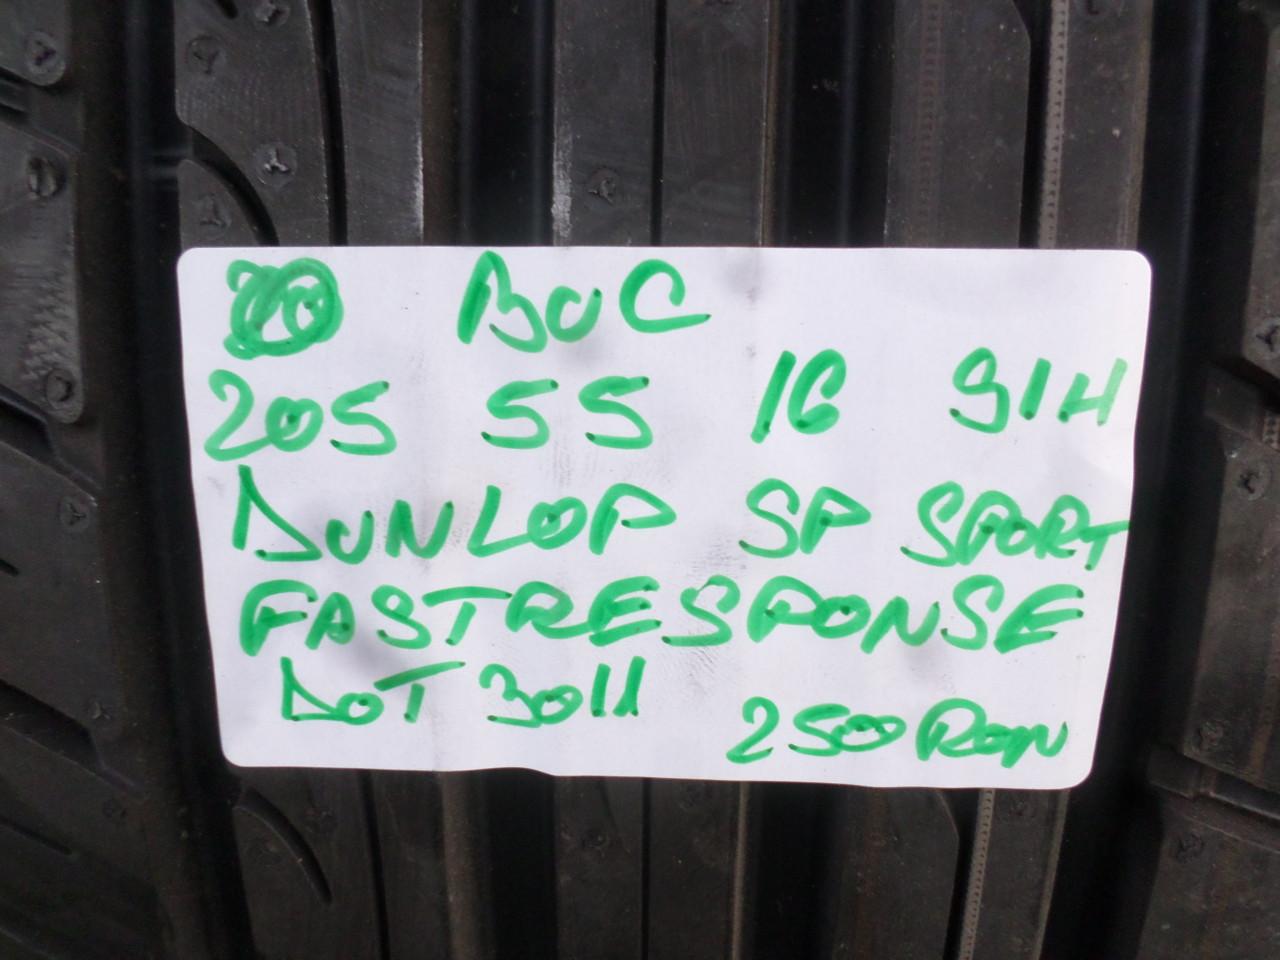 205 55 16 NOUA  Vara Dunlop Fasstresponse o bucata